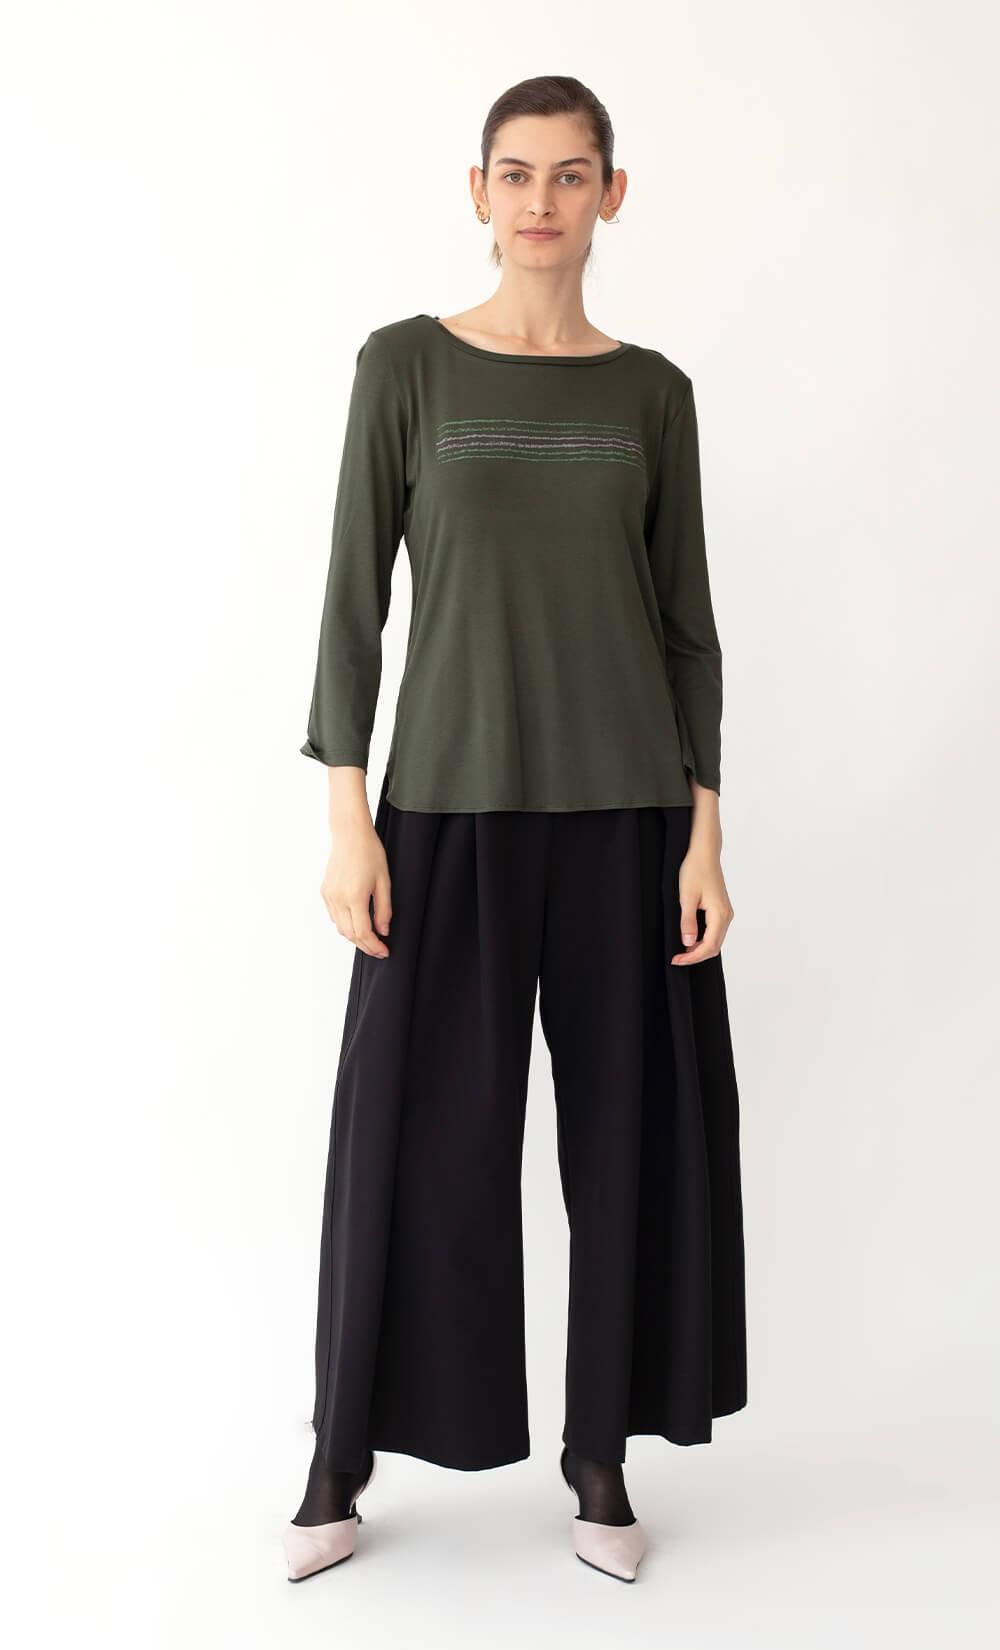 Kav Bicolor Olive Green T-Shirt